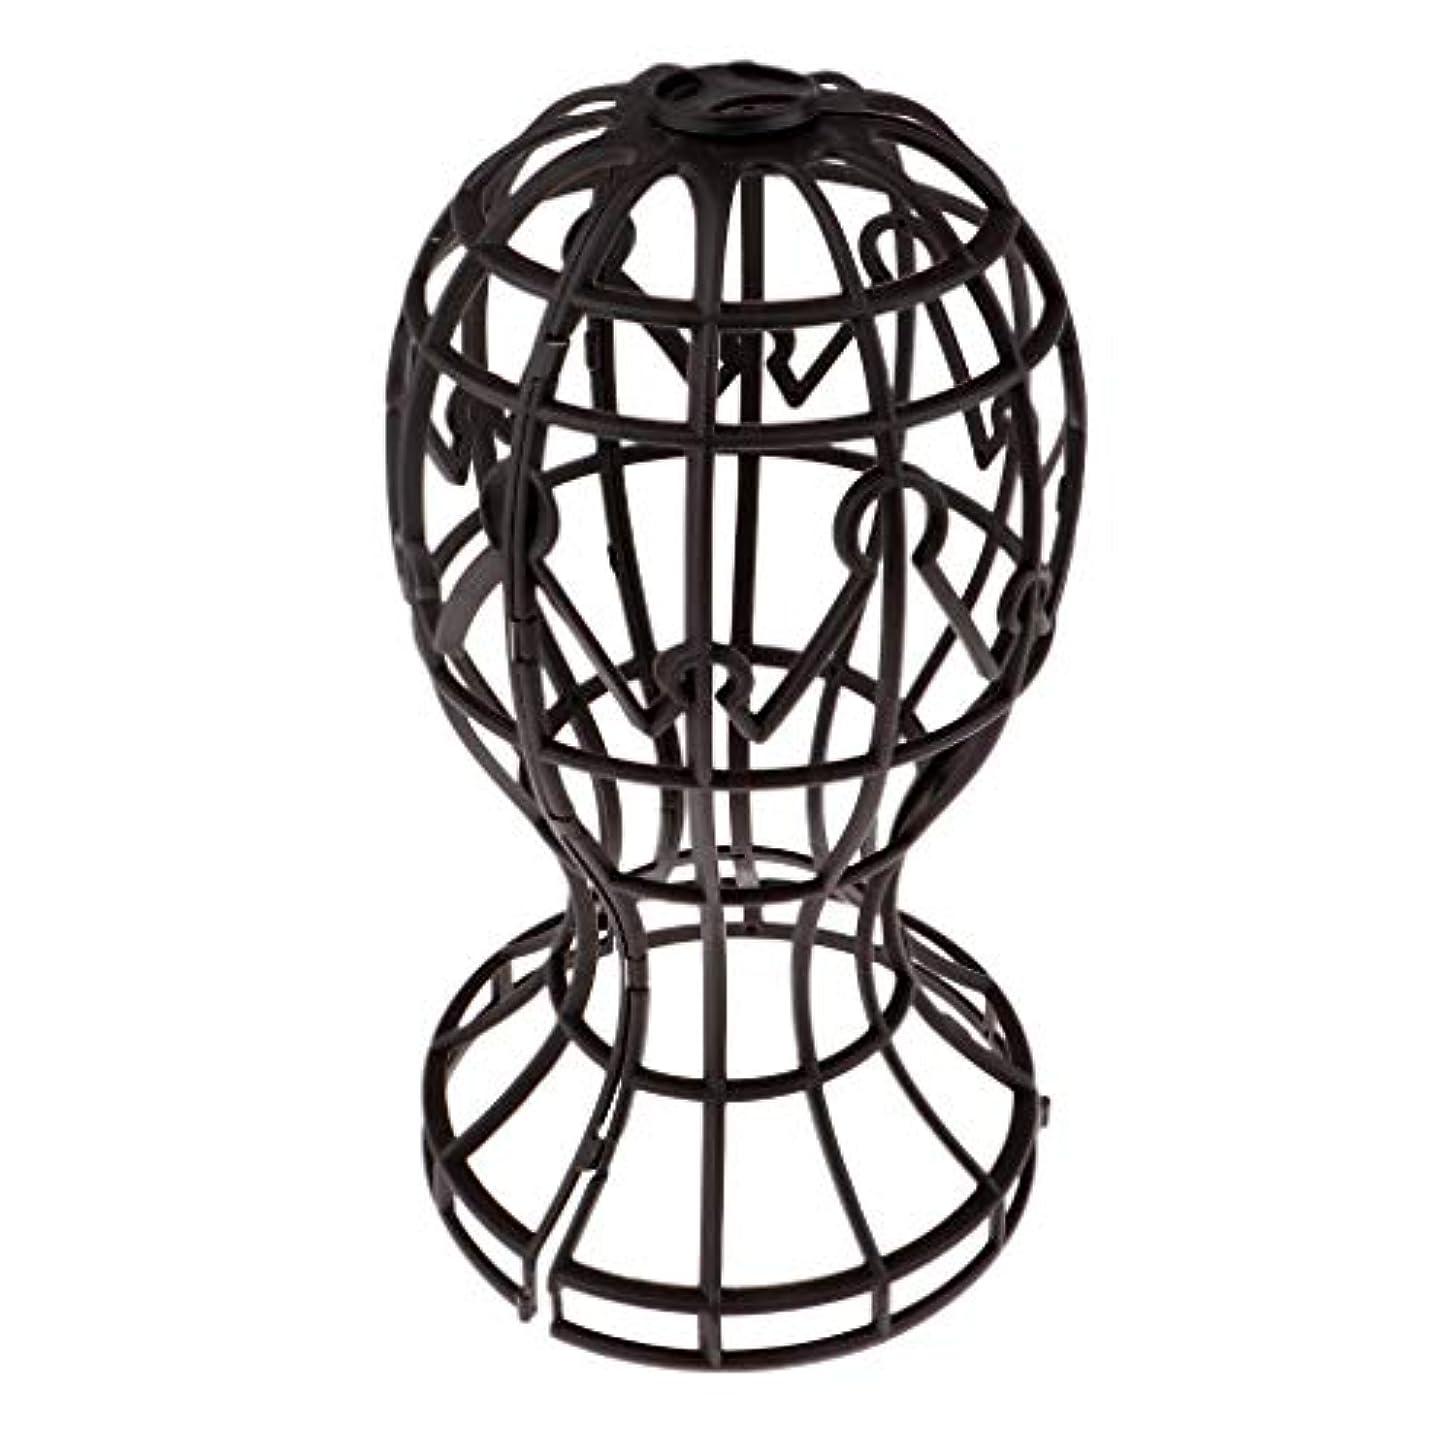 発見防止値するSharplace かつらホルダー 髪型スタンド ウィッグスタンド 省スペース 帽子 ディスプレイ 高さ約31cm - ブラウン